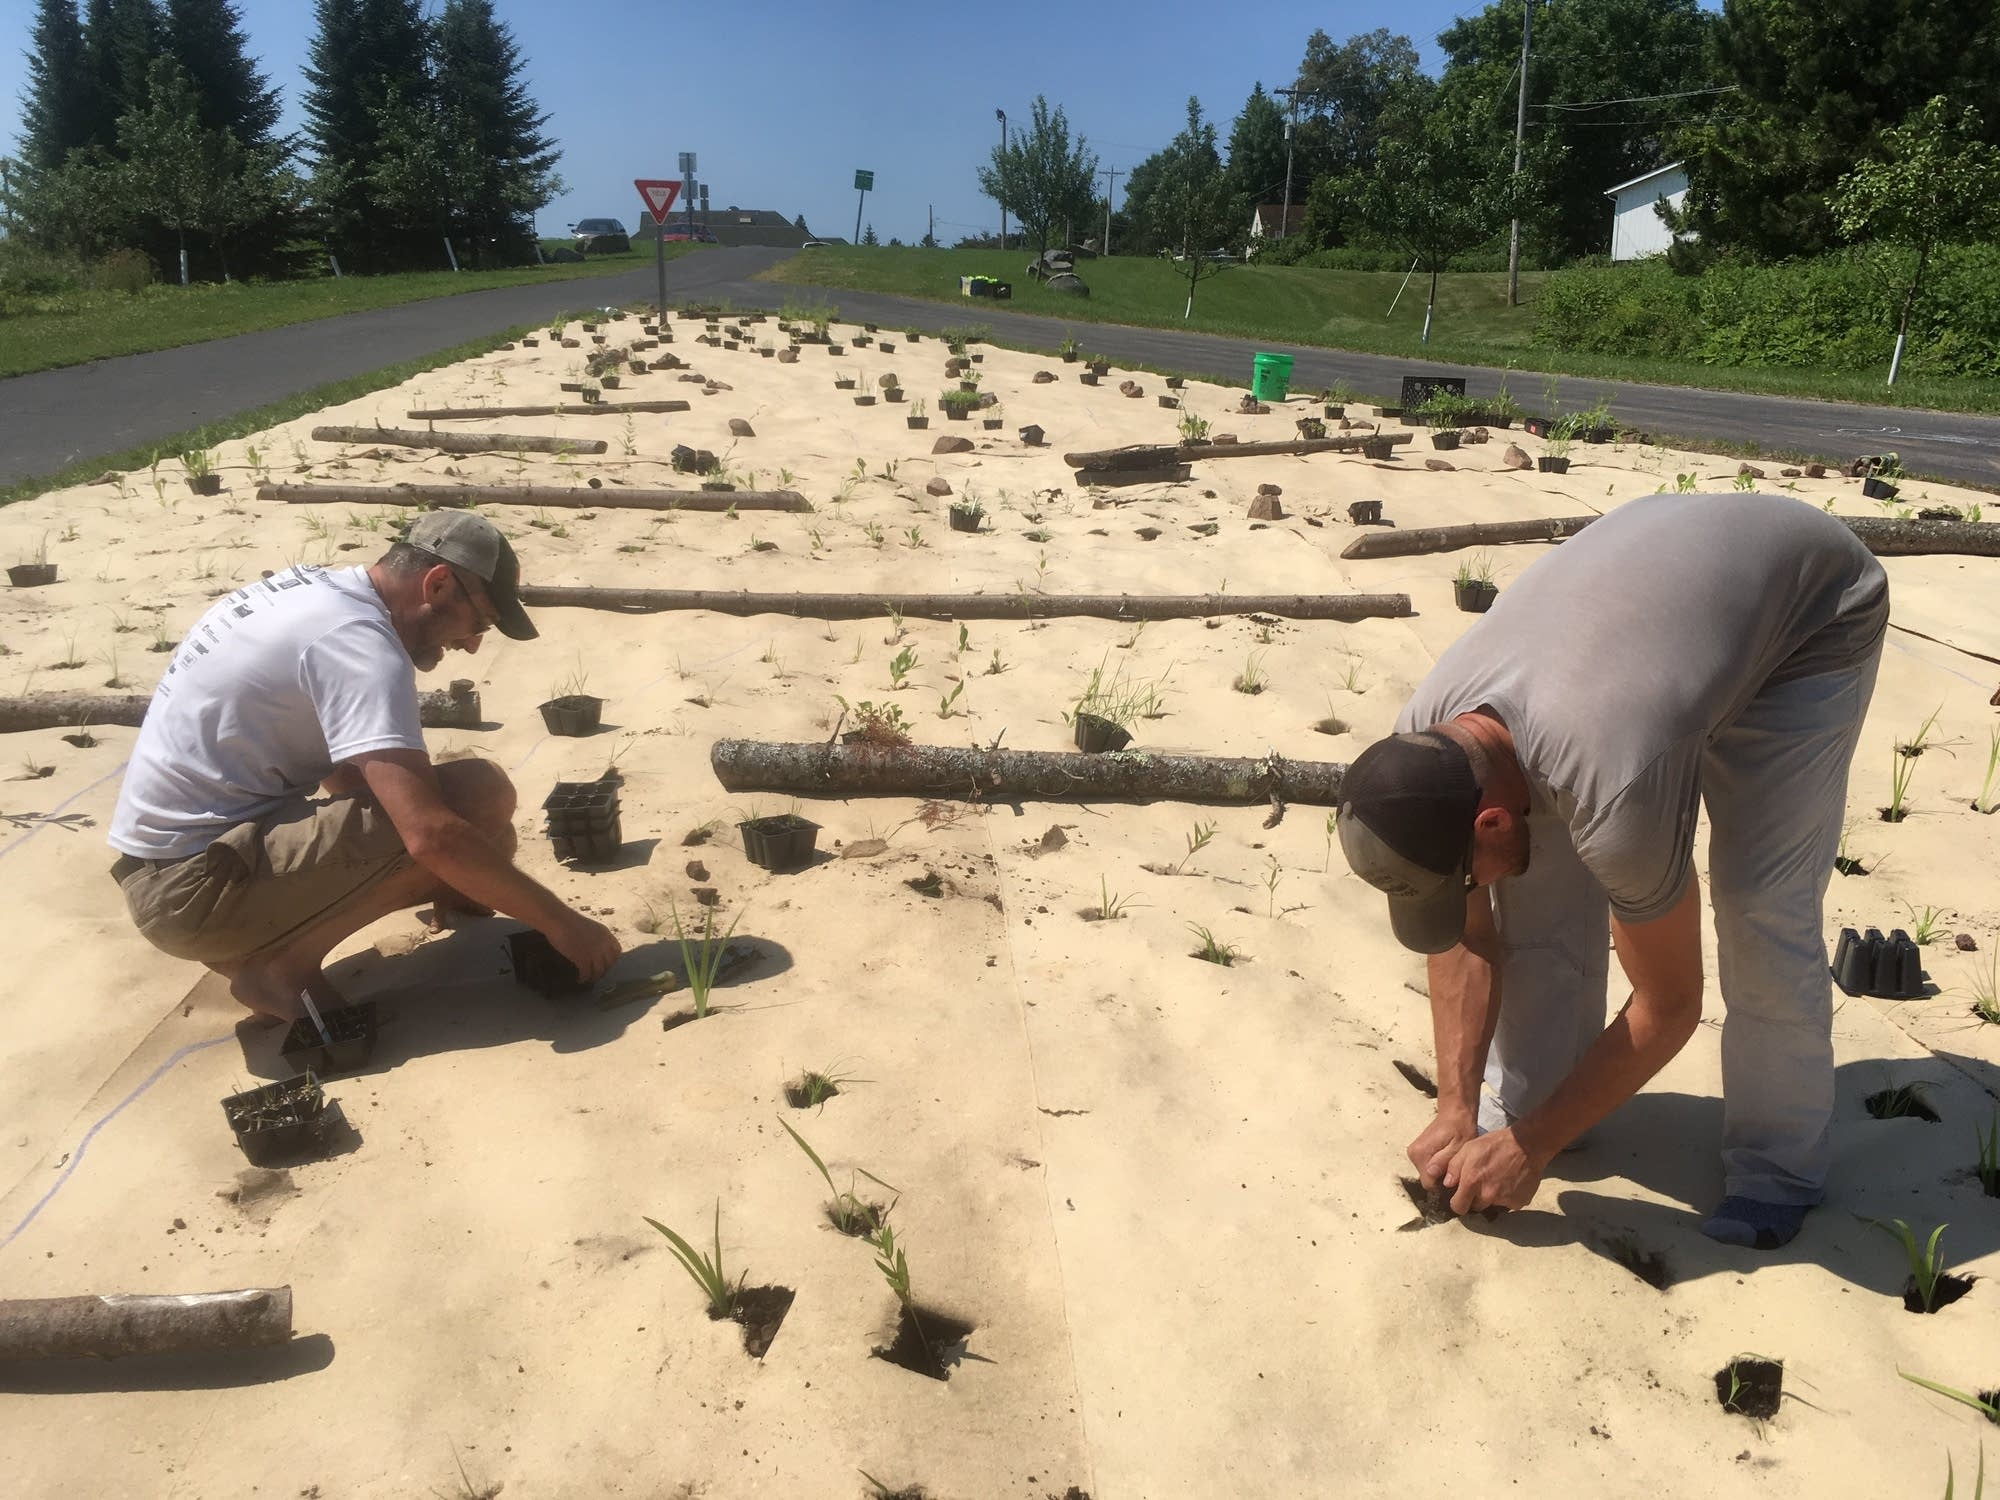 Greg Sumner of Duluth and Dan Schutte, owner of Shoreview Natives